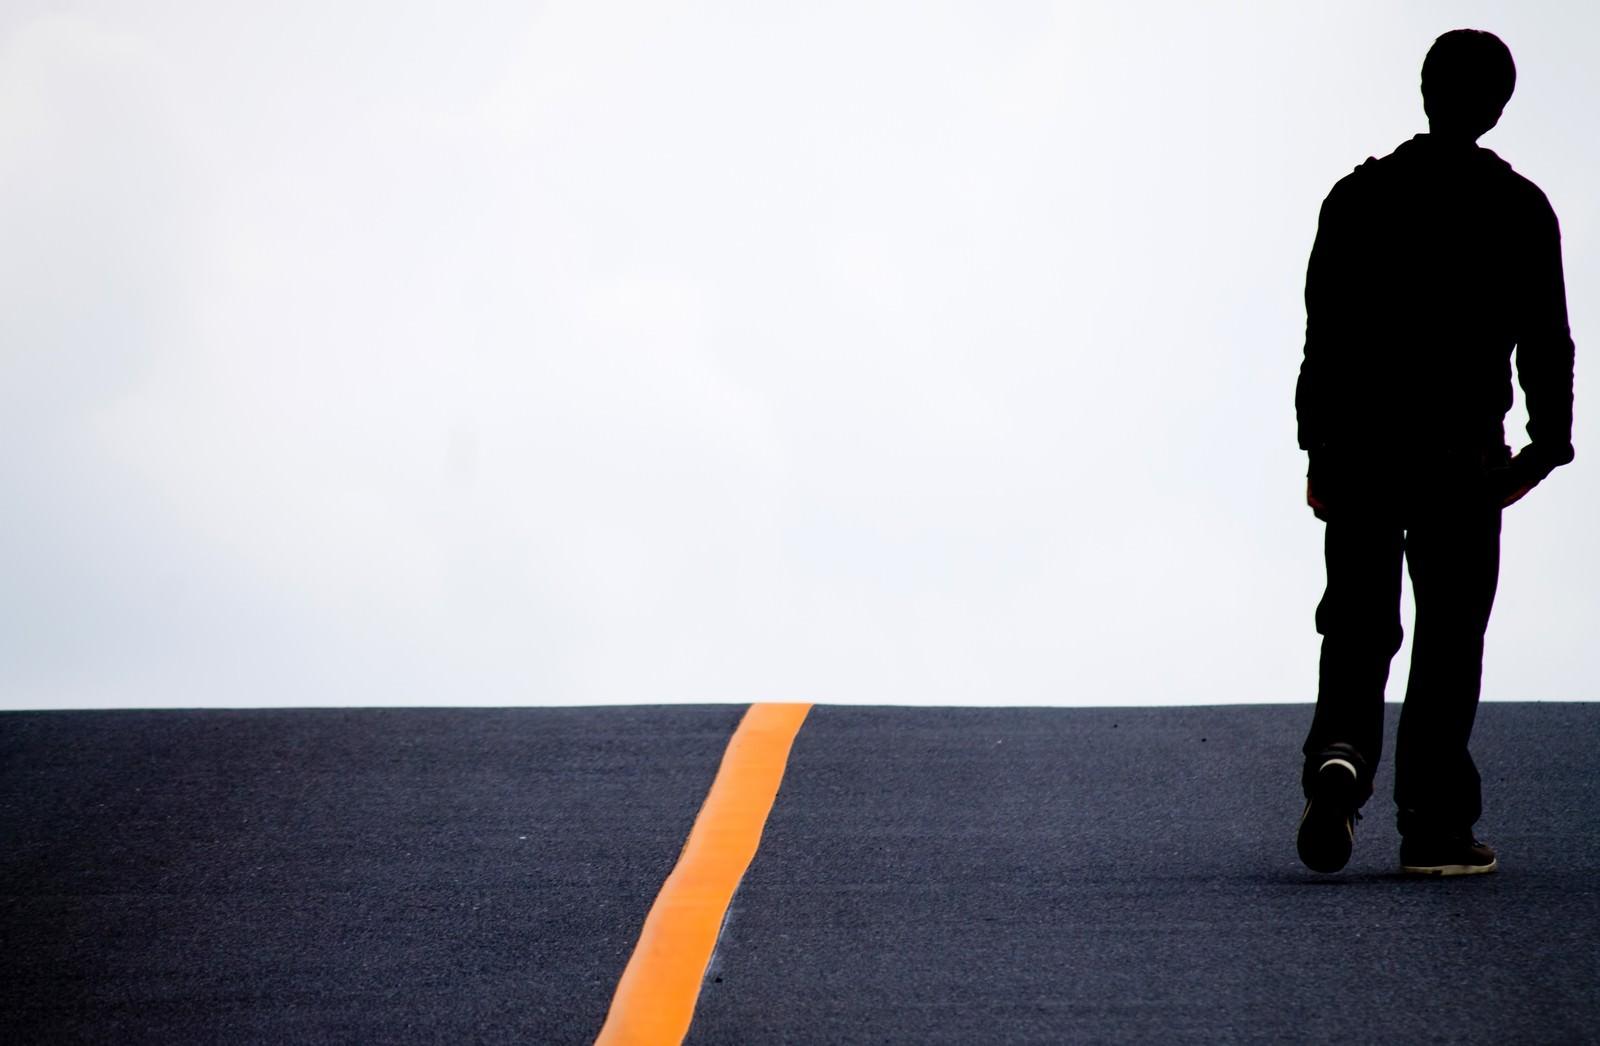 「アスファルトを歩く男性アスファルトを歩く男性」のフリー写真素材を拡大